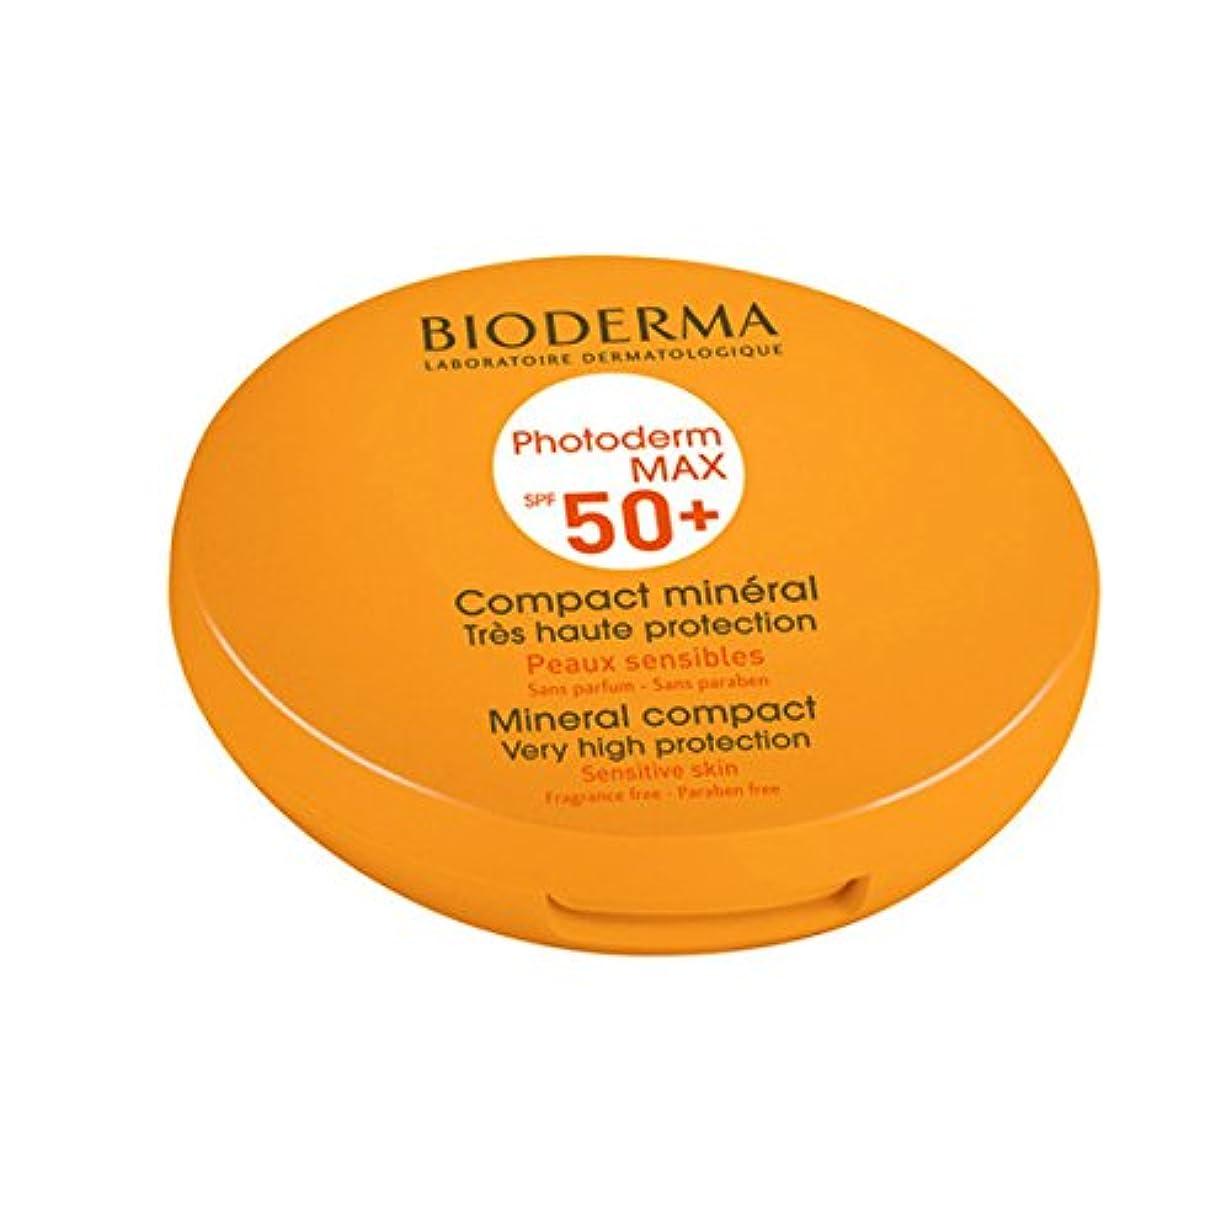 適応繁雑仕事に行くBioderma Photoderm Max Compact Mineral 50+ Golden 10g [並行輸入品]